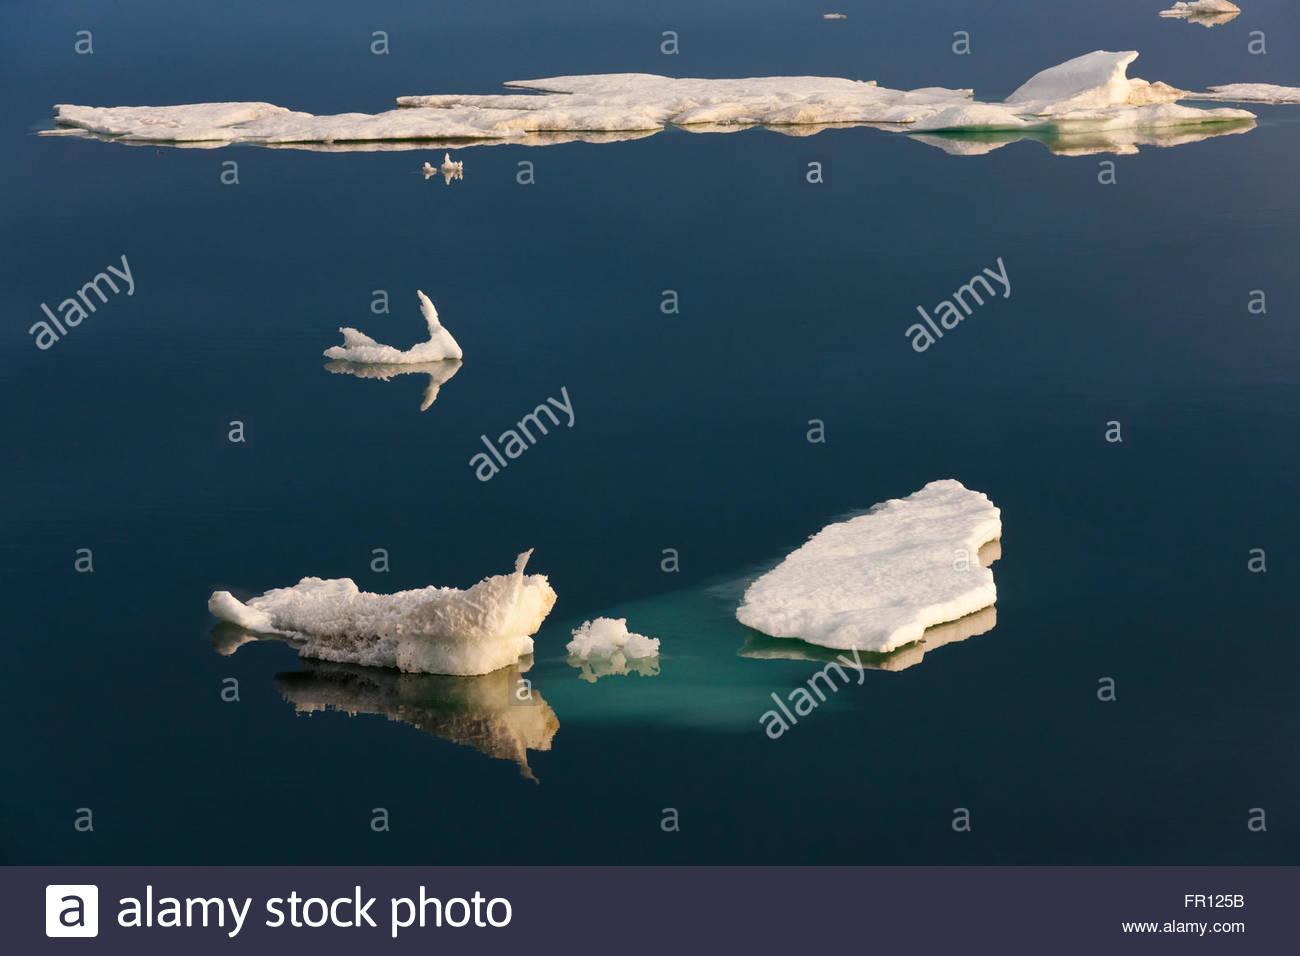 Hielo flotante en el Mar de Chukchi, el extremo oriental de Rusia Imagen De Stock